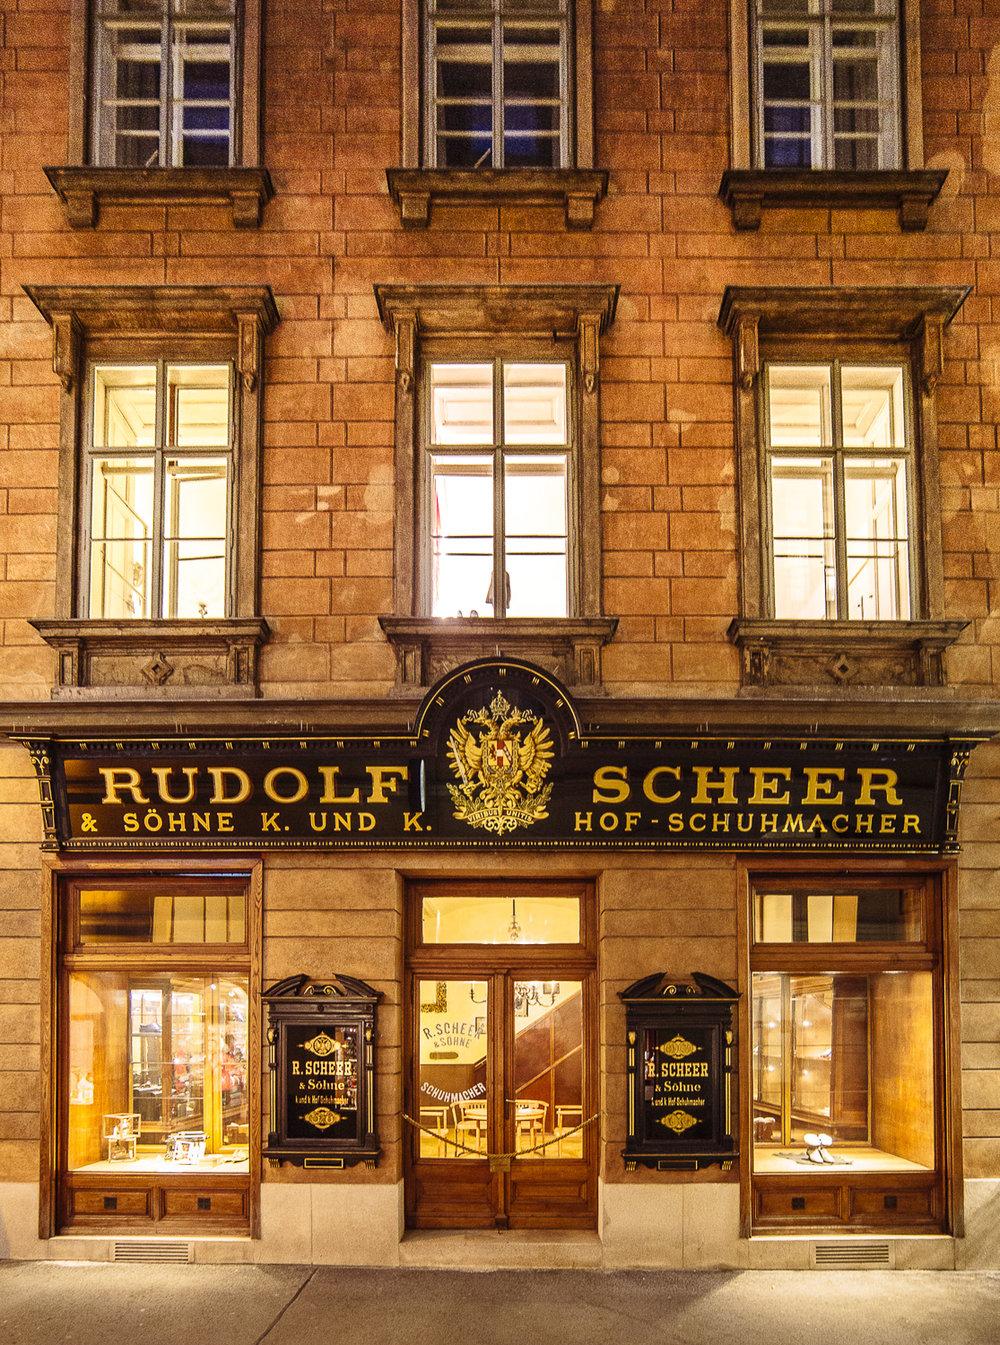 RudolfScheer&Soehne-ByLennartHorst-28.jpg